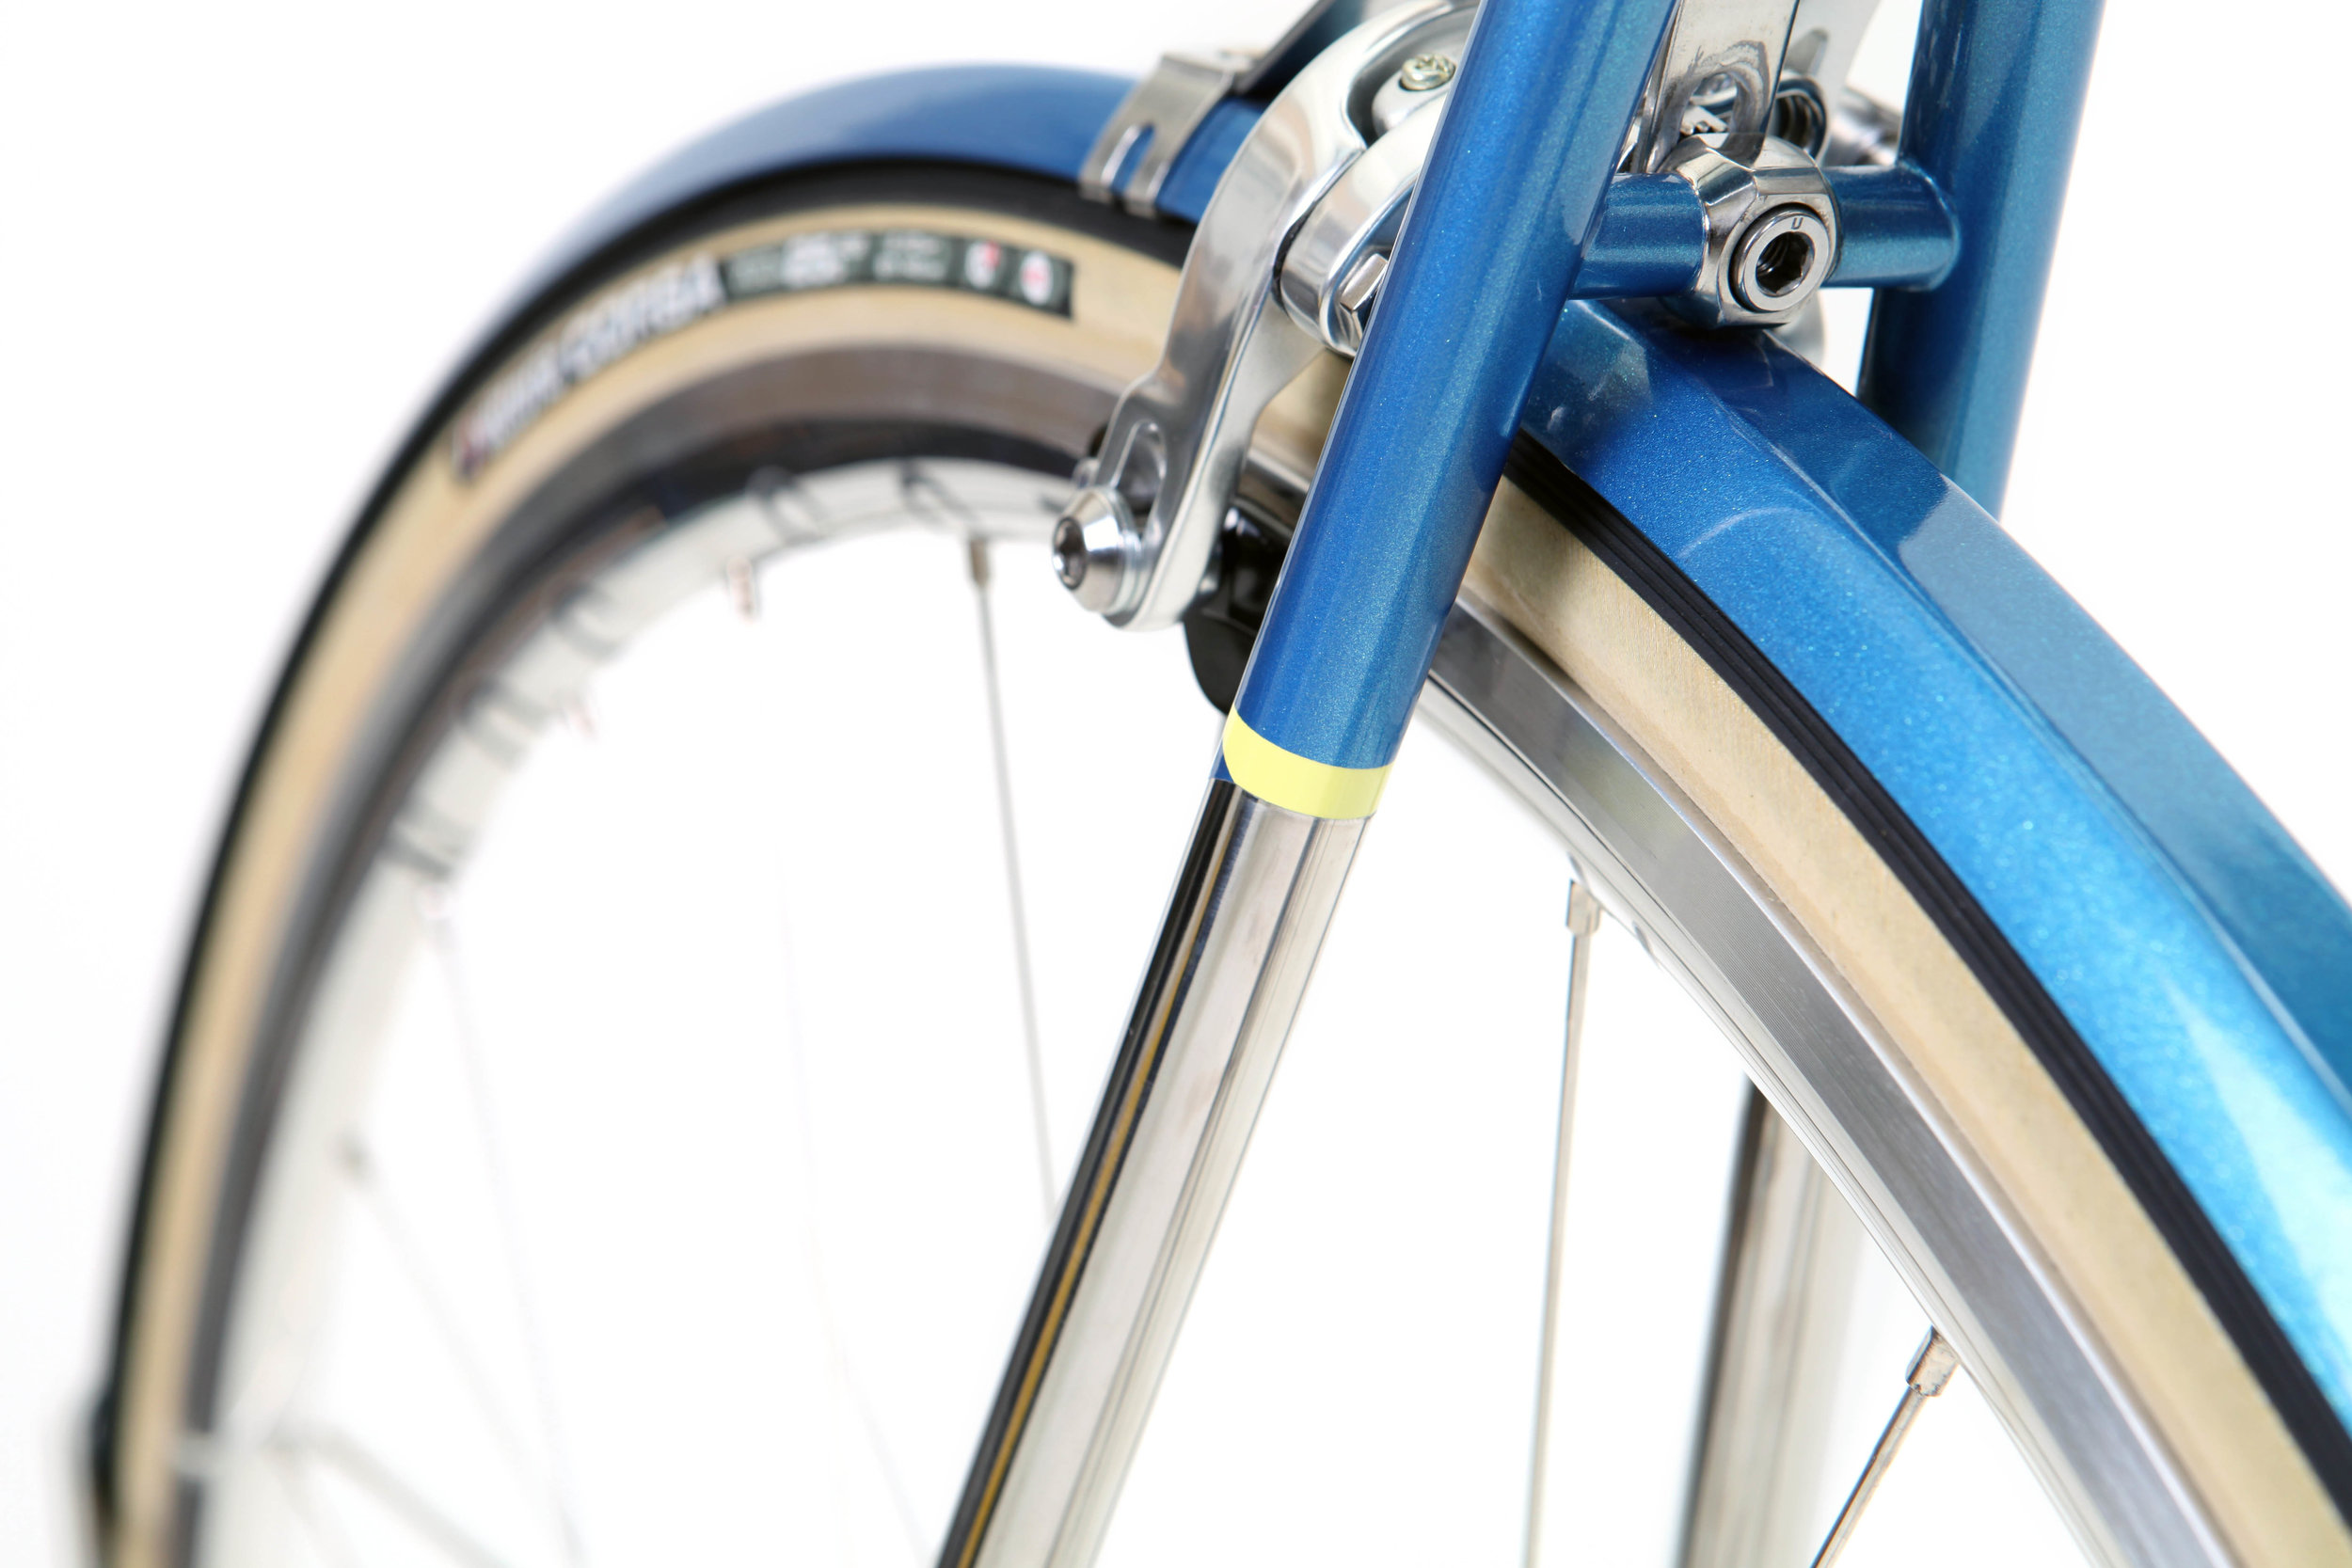 tims+oblique+rear+brake+(small).jpg